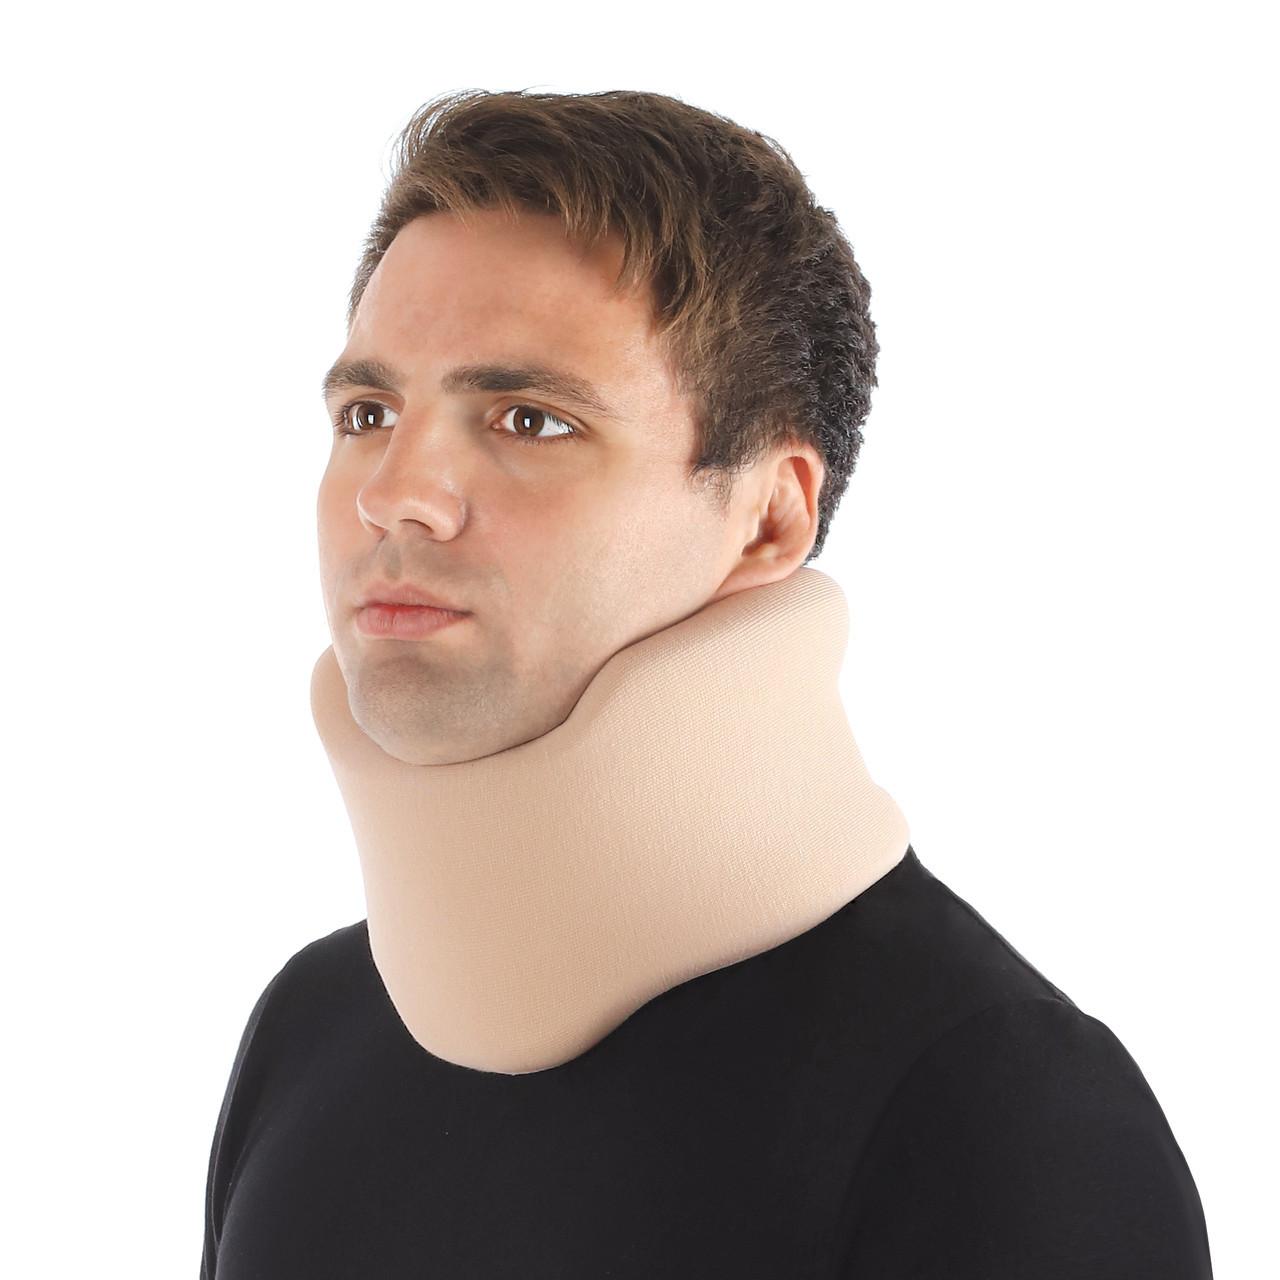 Бандаж для шеи шейных позвонков для взрослых ( воротник шанца ) , тип 710 бежевый